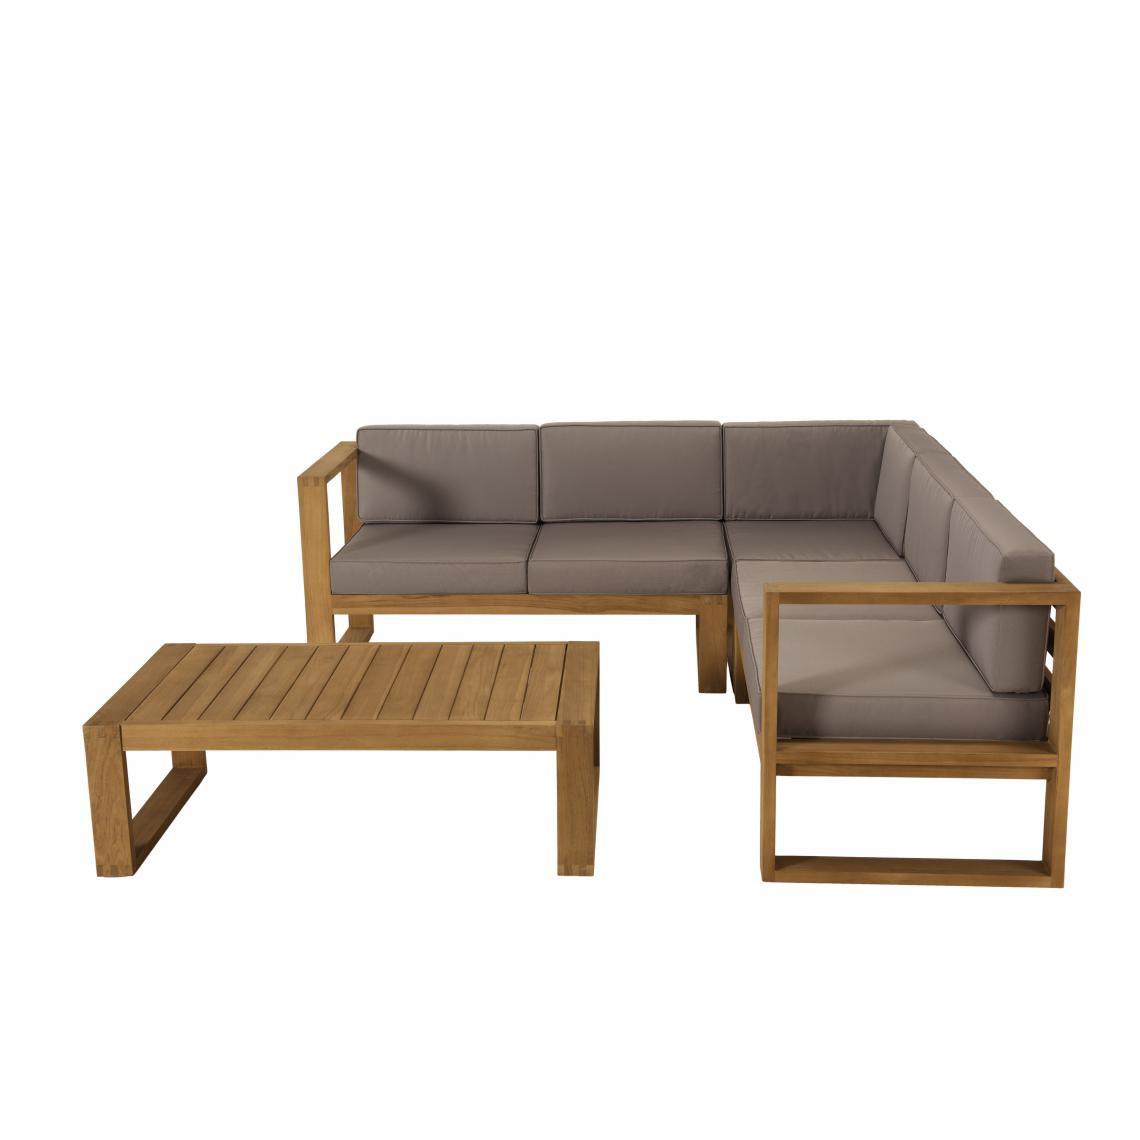 Salon De Jardin Minorque Table Basse Teck Canape D Angle 5